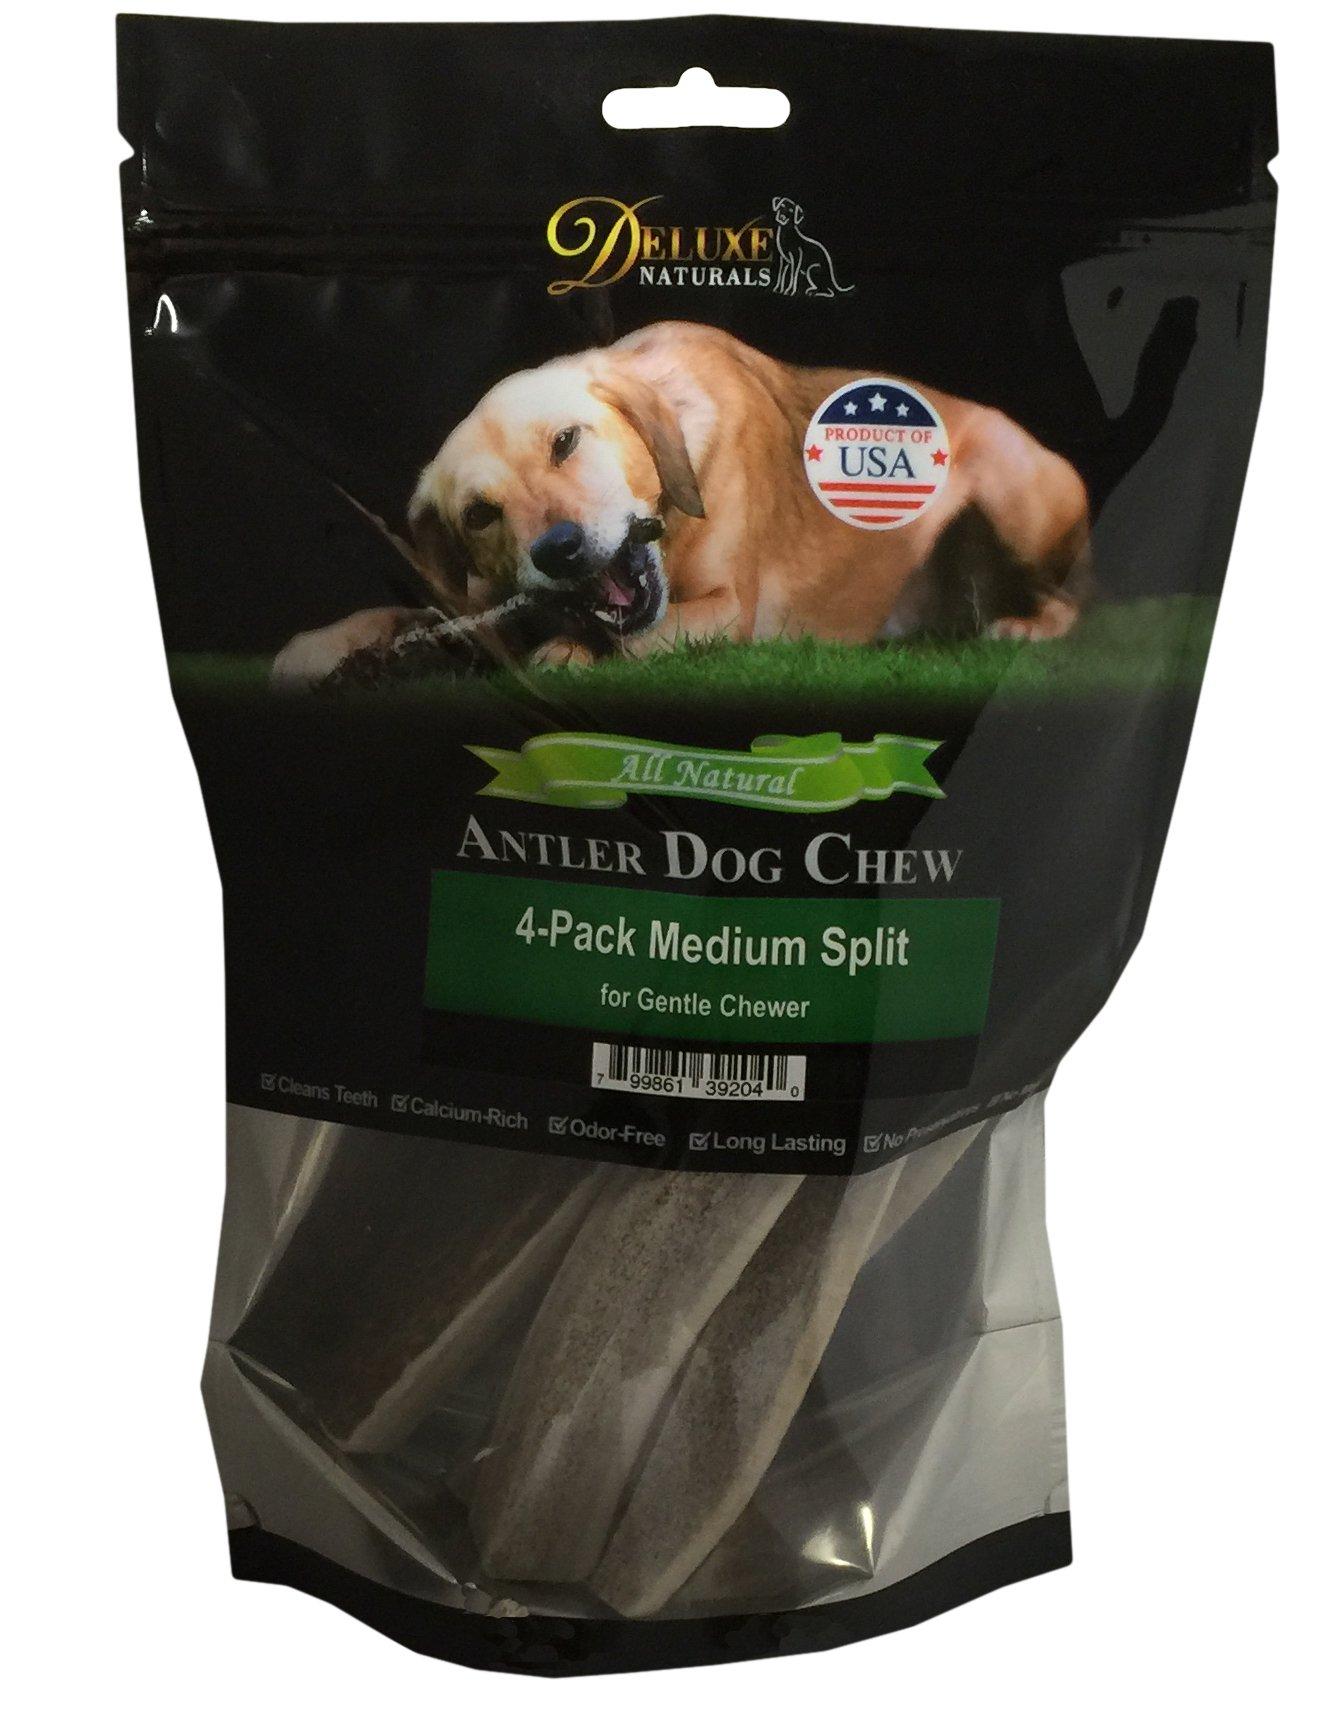 Deluxe Naturals Elk Antler Dog Chew, Split, Medium, 20-50 lb Dogs, 4 Piece by Deluxe Naturals (Image #3)